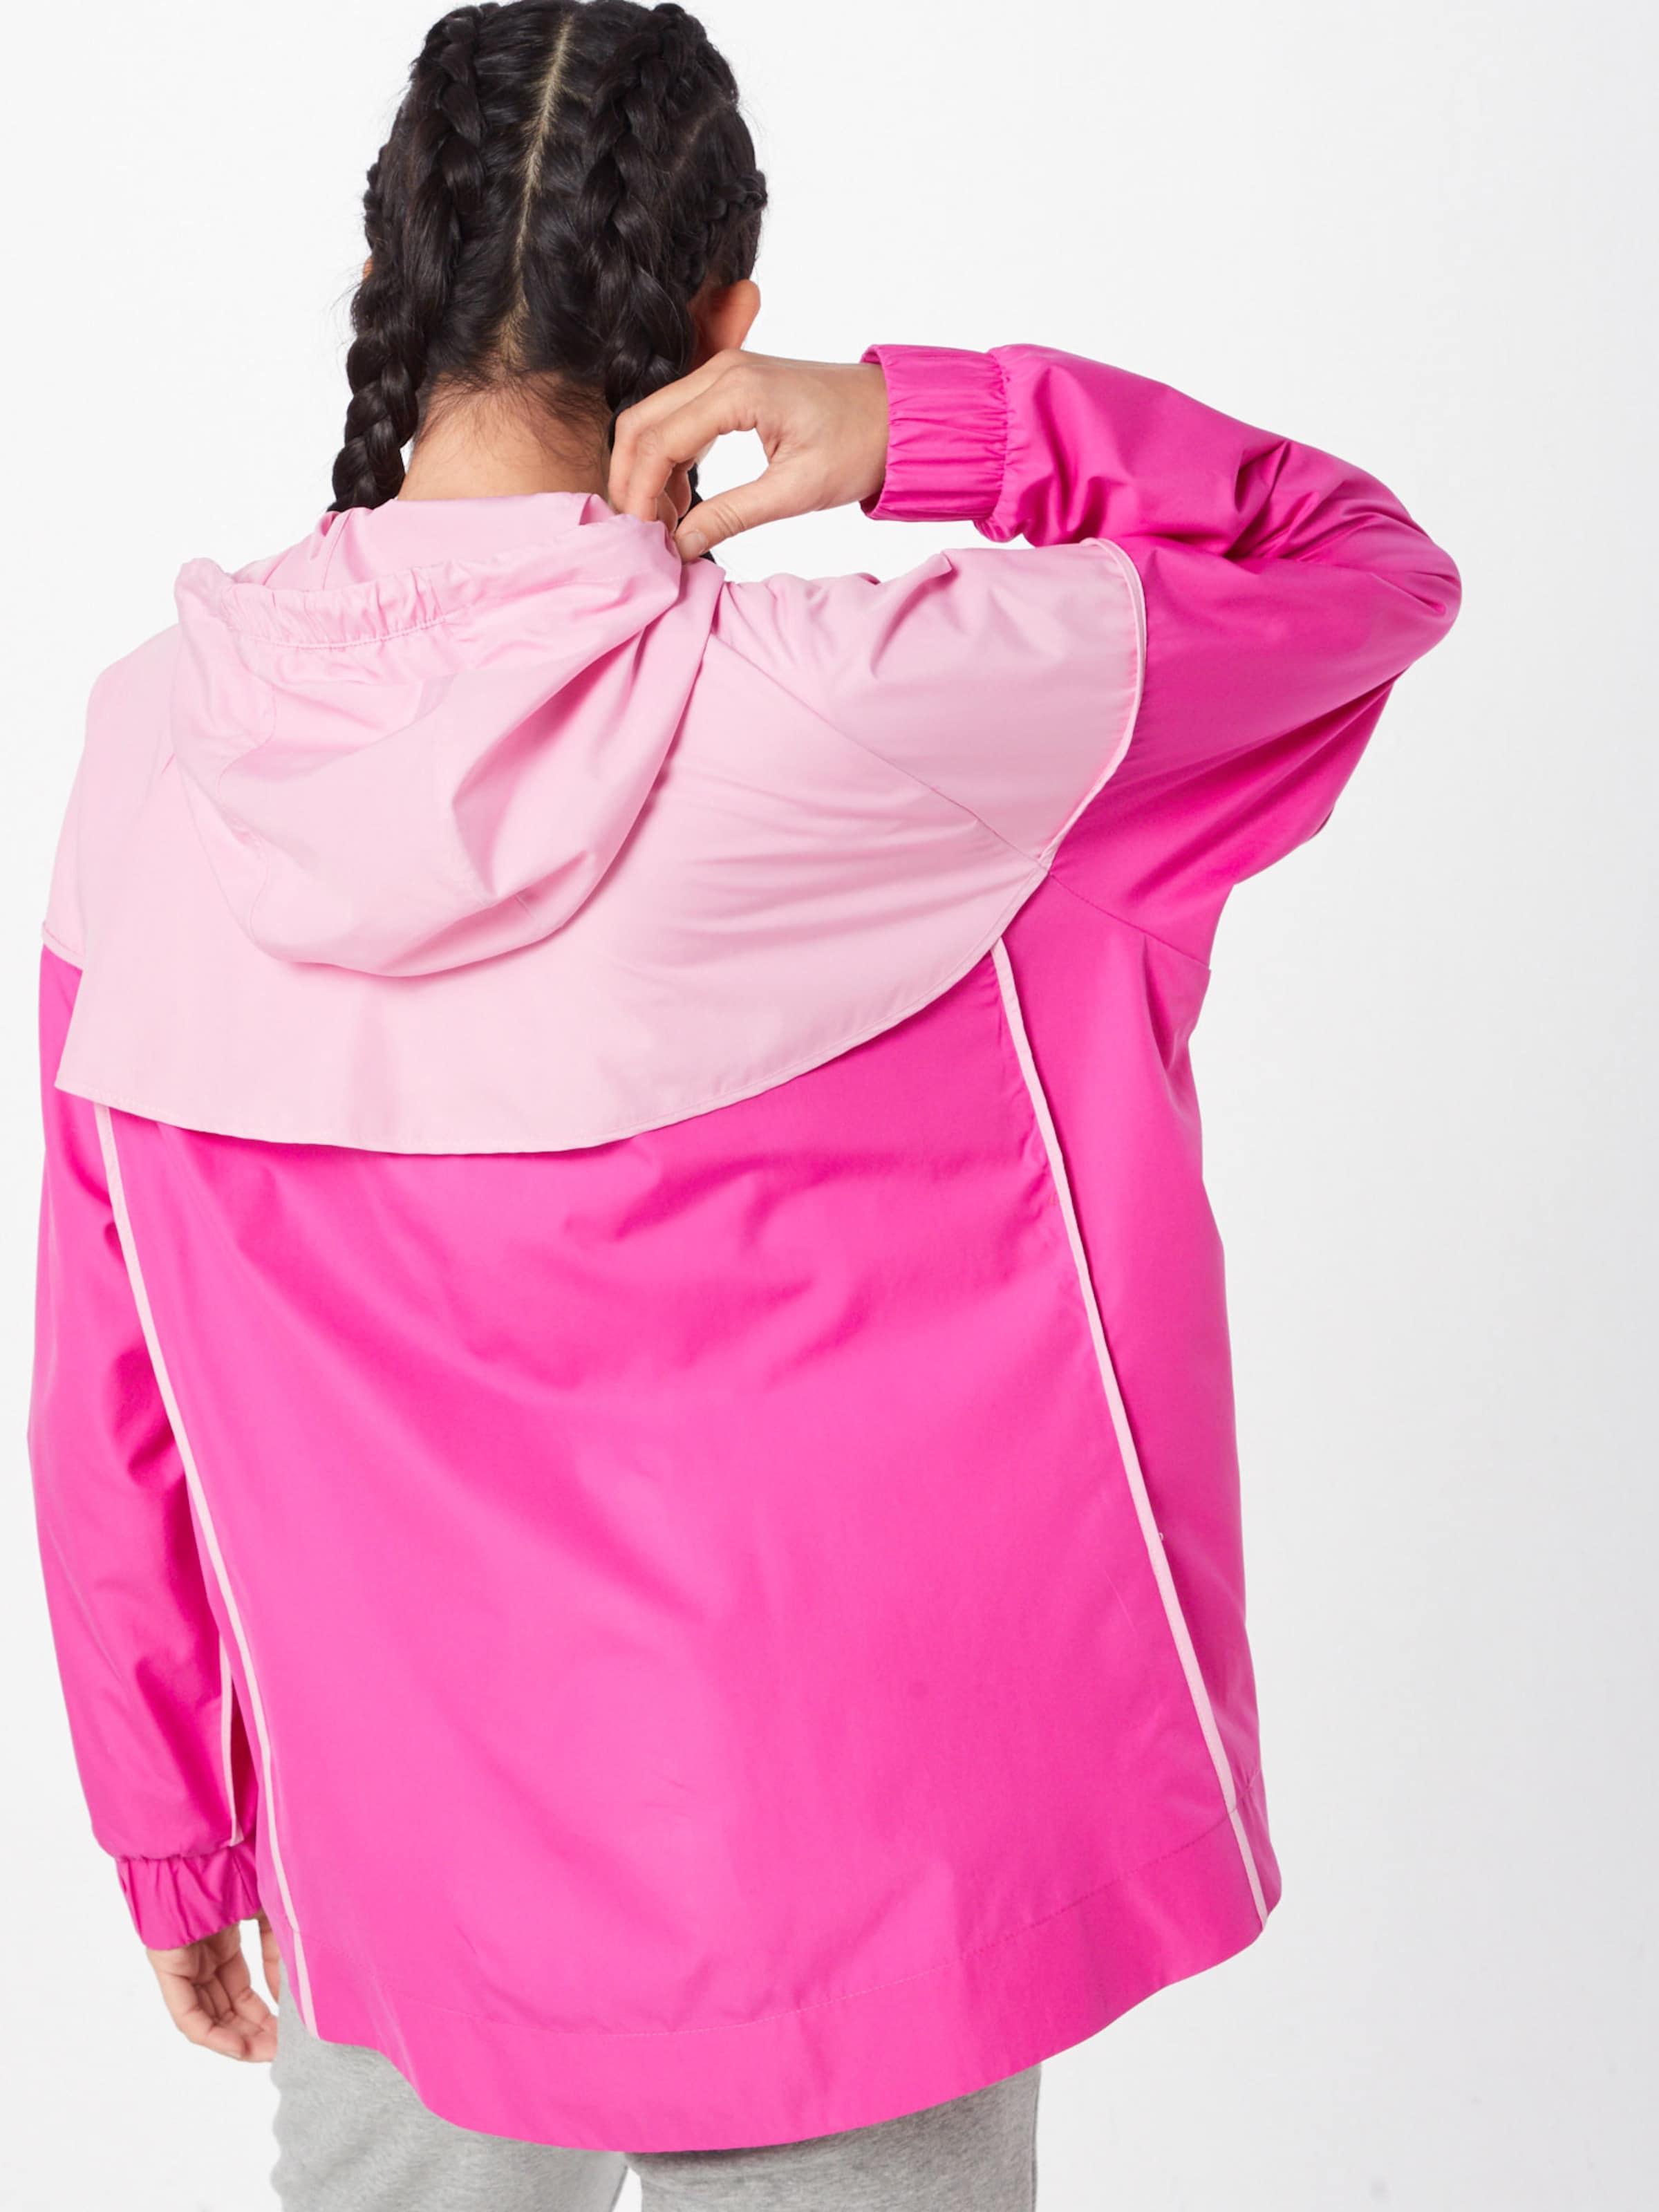 Sportswear Nike In PinkRosa Jacke Jacke In Sportswear Jacke In Nike Sportswear Nike PinkRosa FJTl1uK3c5